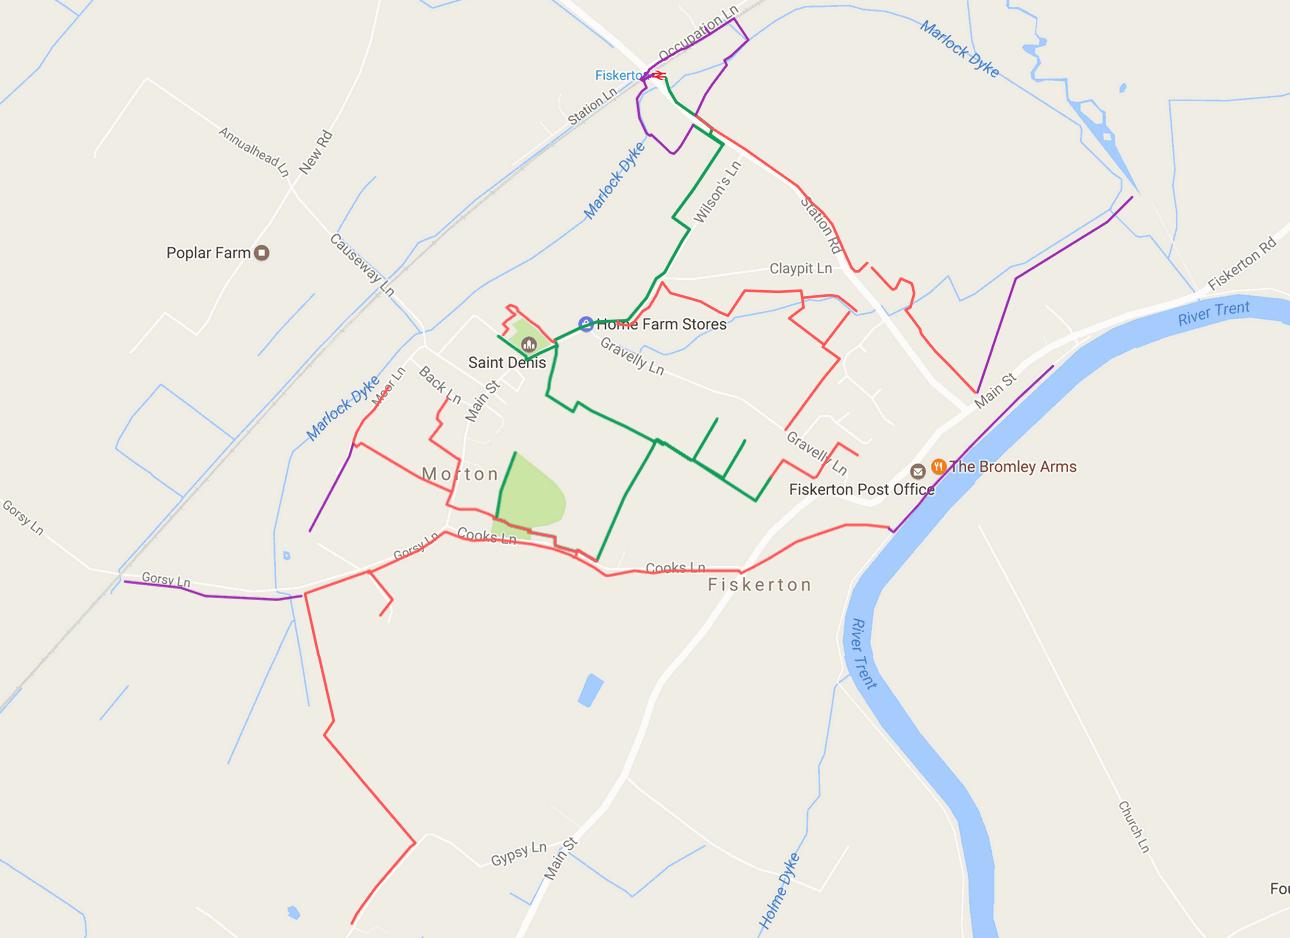 f4rn fibre optic map